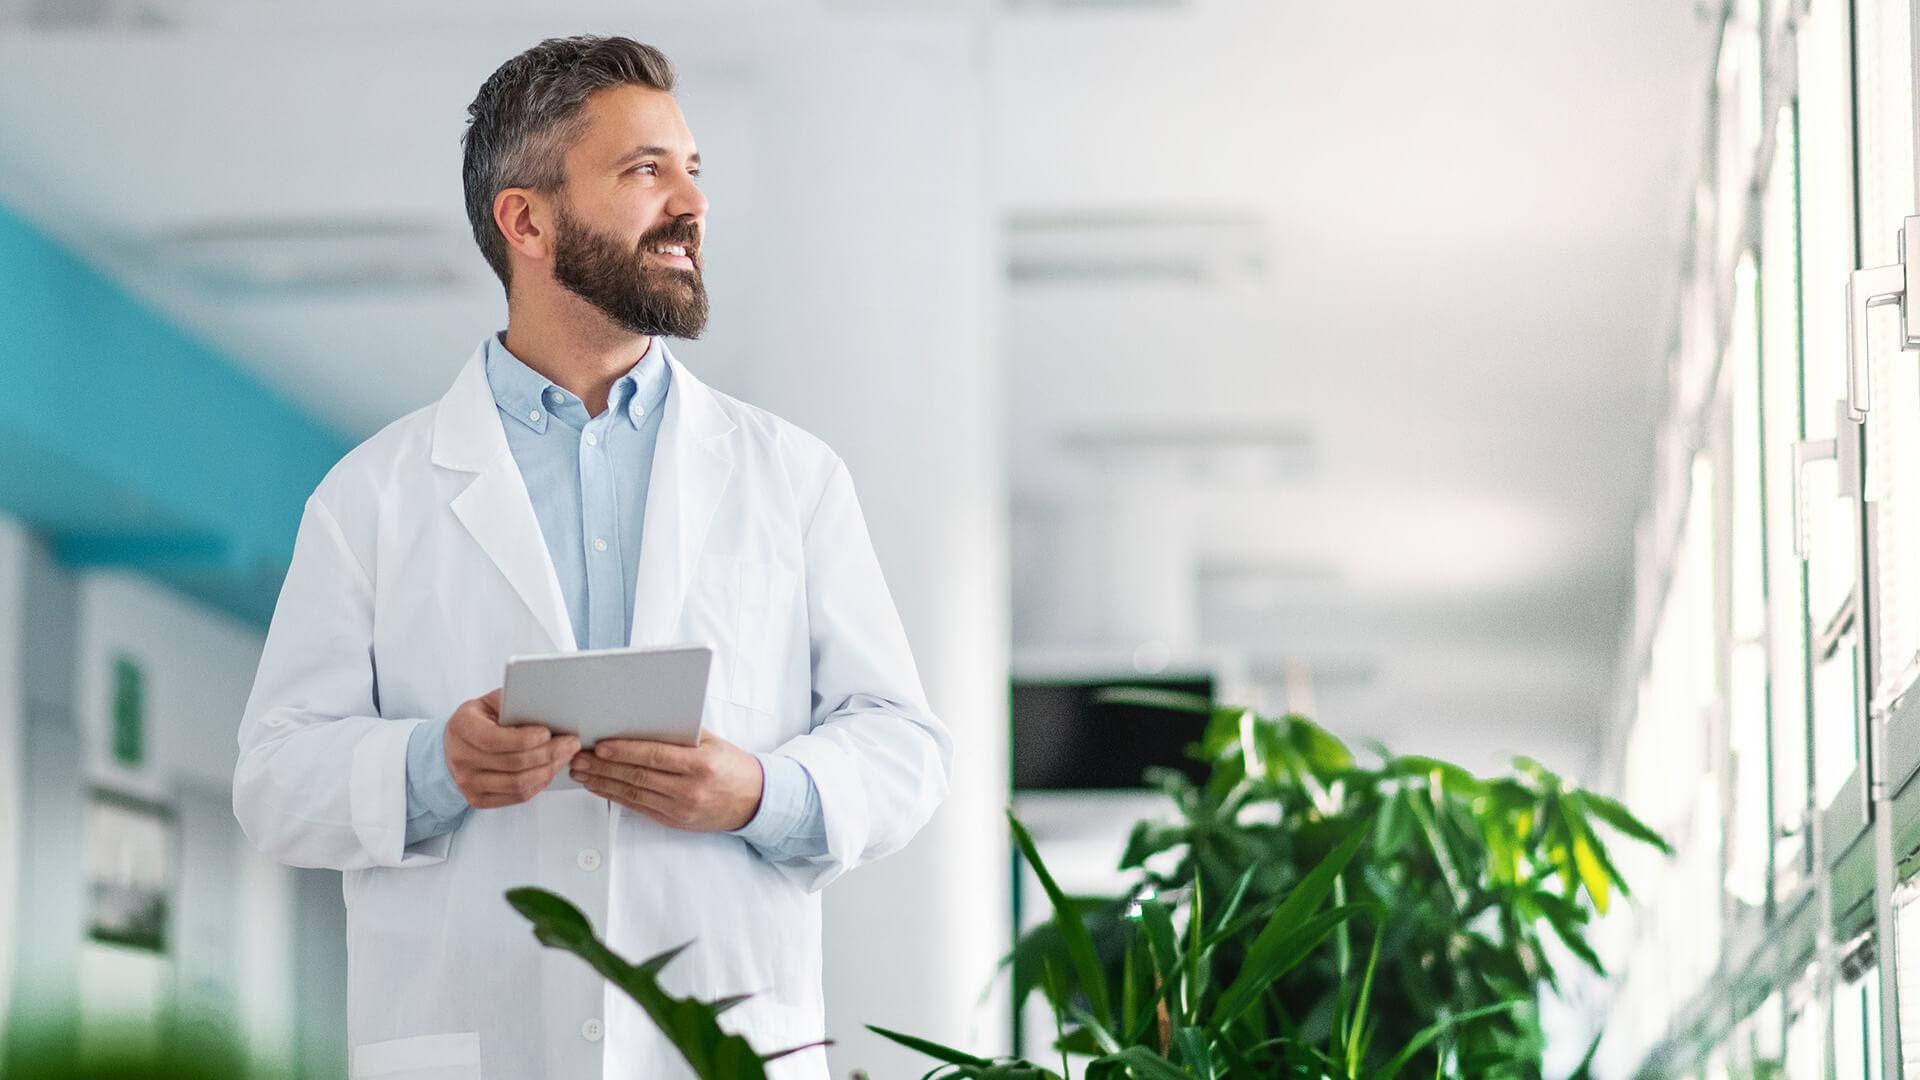 Jak wystawić e-Skierowanie - lekarz na korytarzu szpitala